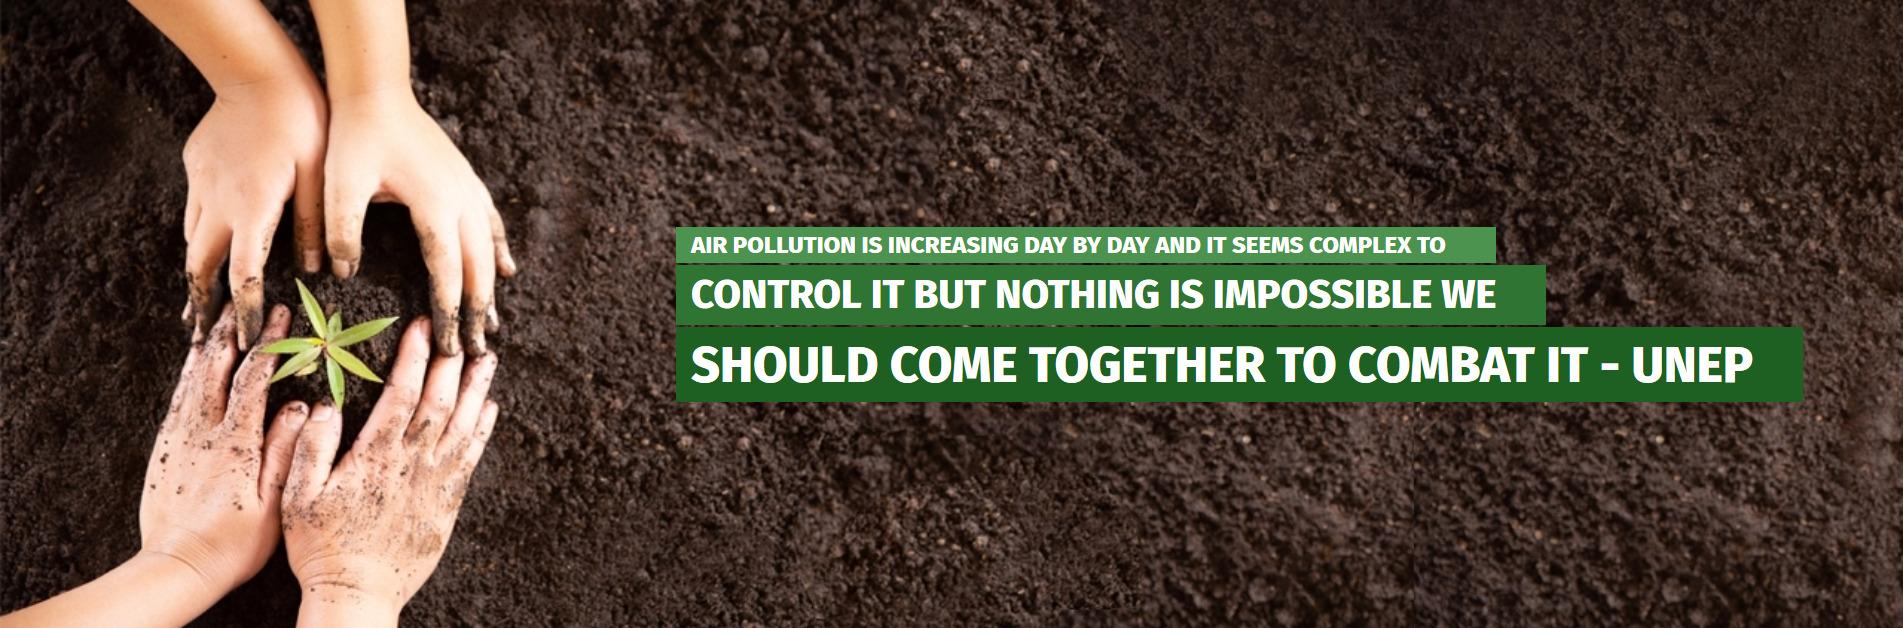 MPCB Home Page   Maharashtra Pollution Control Board